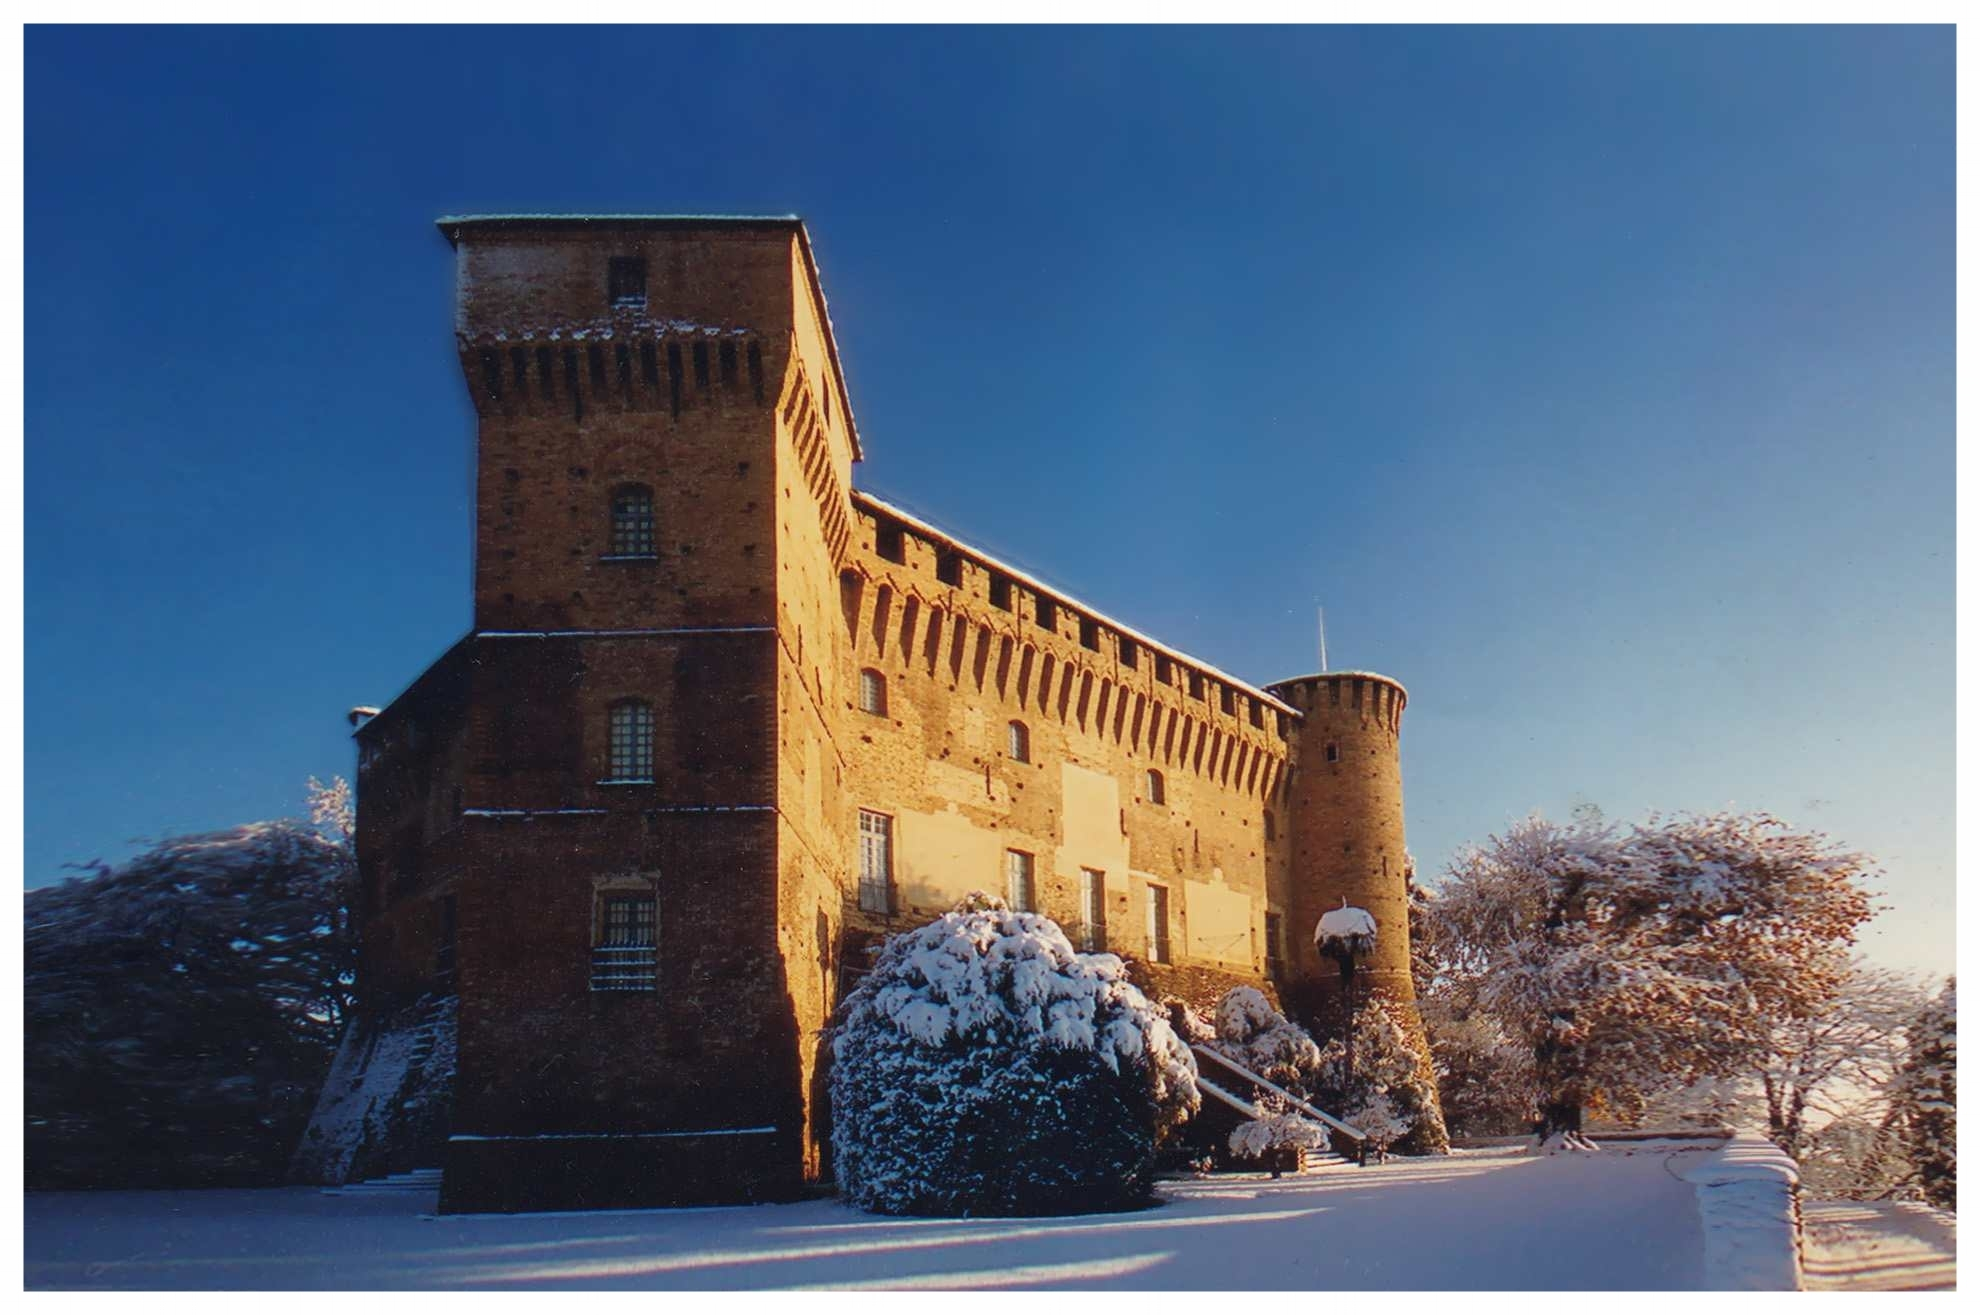 MONTICELLO D'ALBA LANGHE ROERO CASTELLO TURISMO ITINERARI COSA VEDERE TOUR CASTELLO.jpg